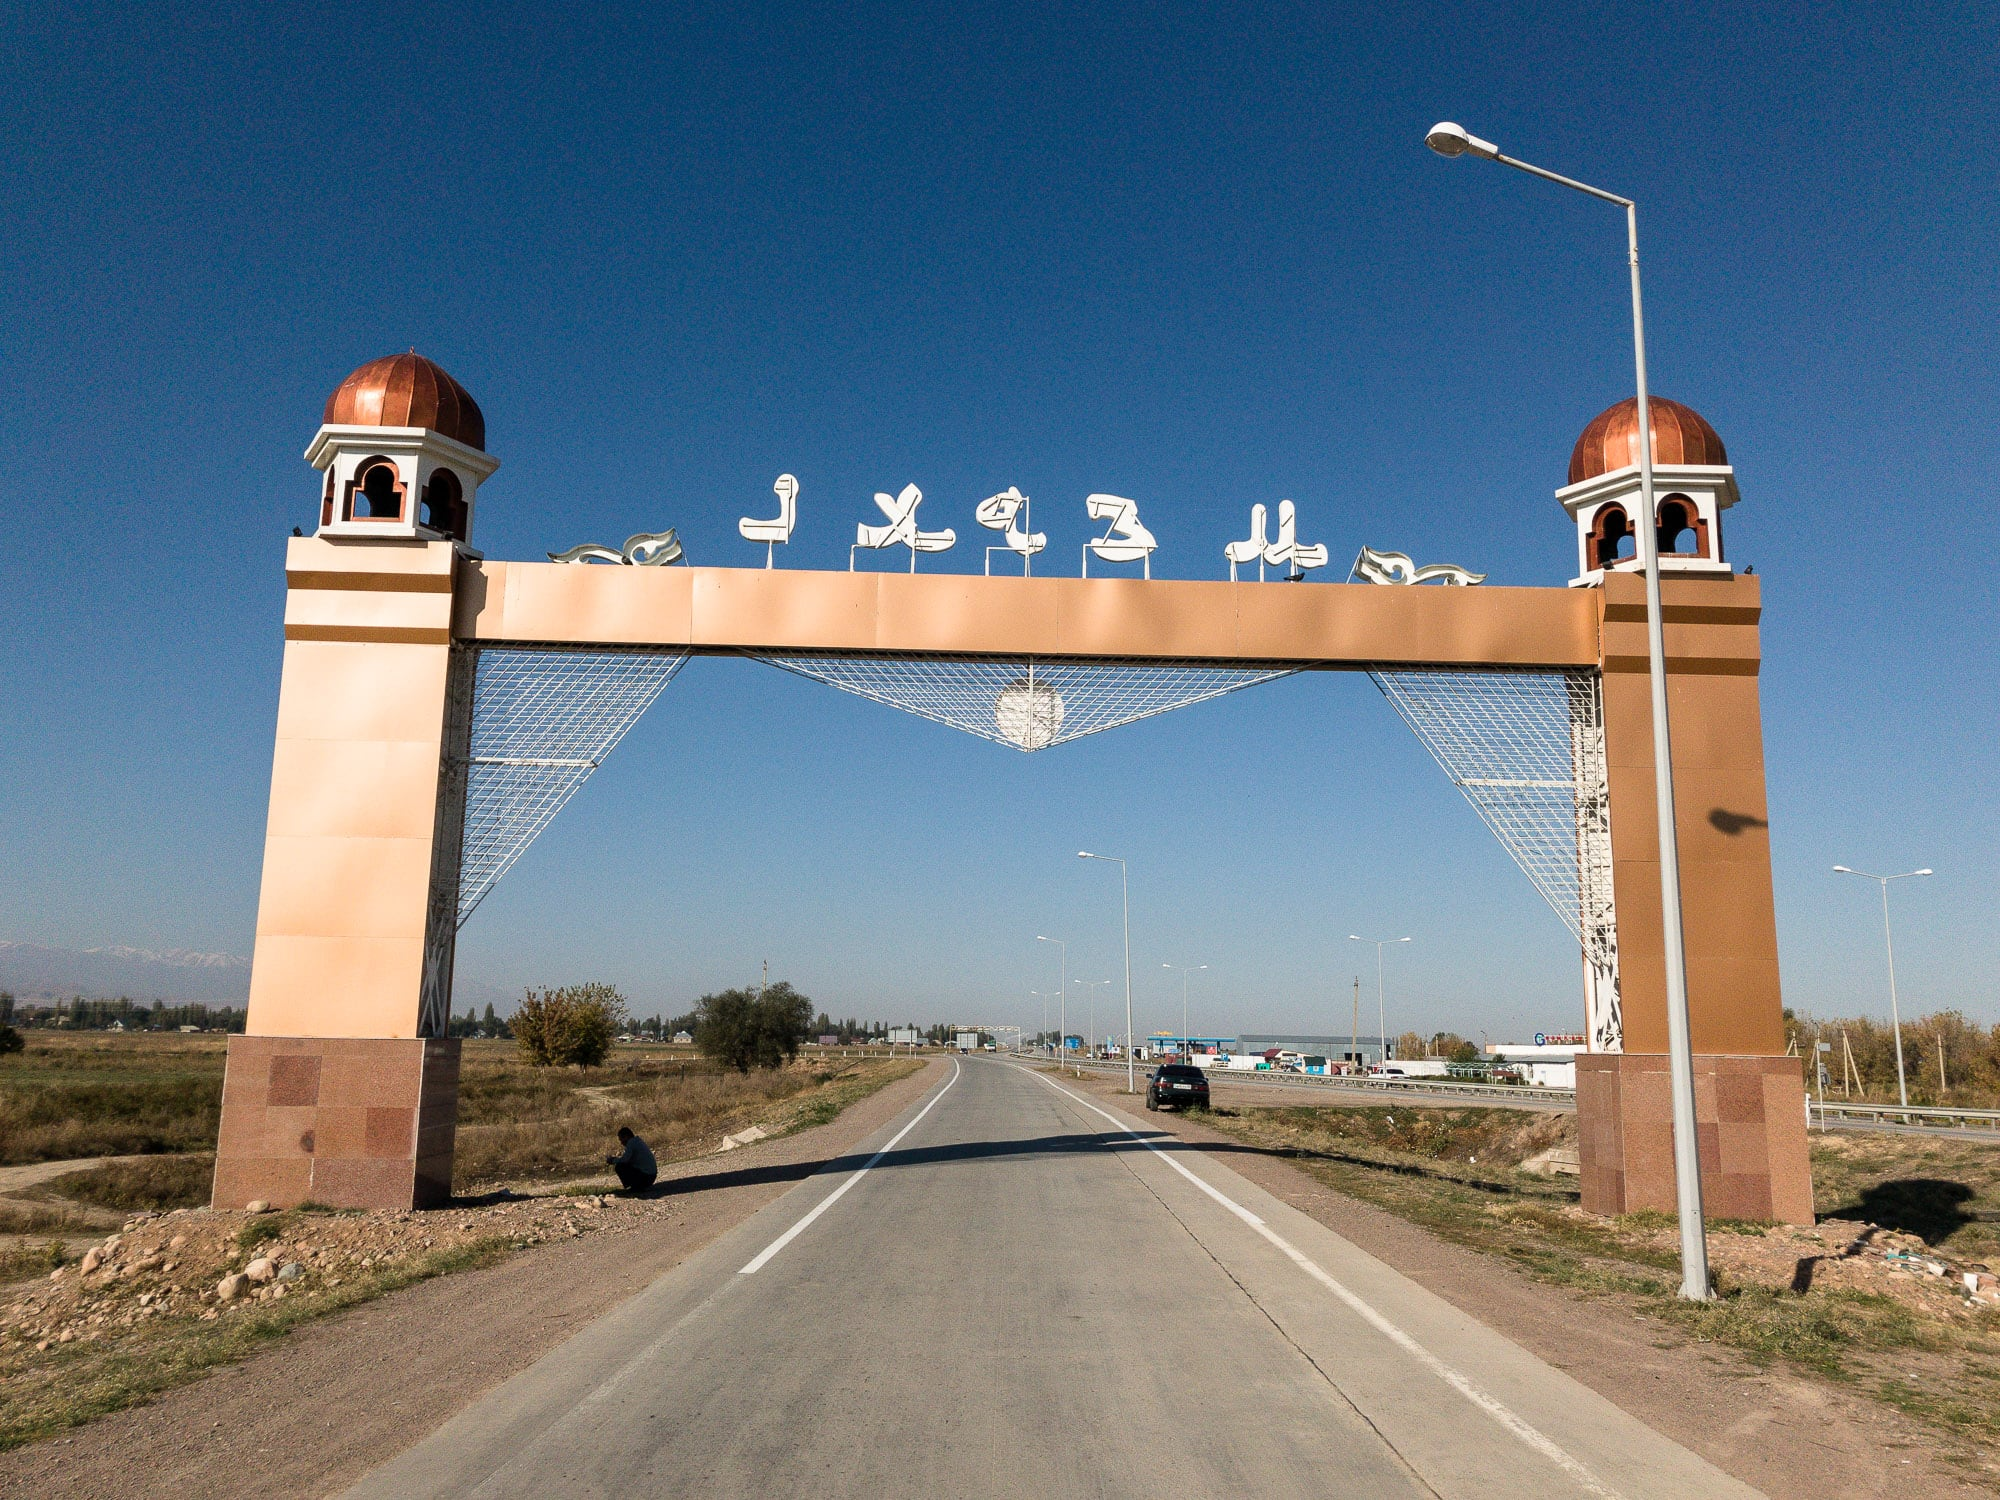 Merki gate